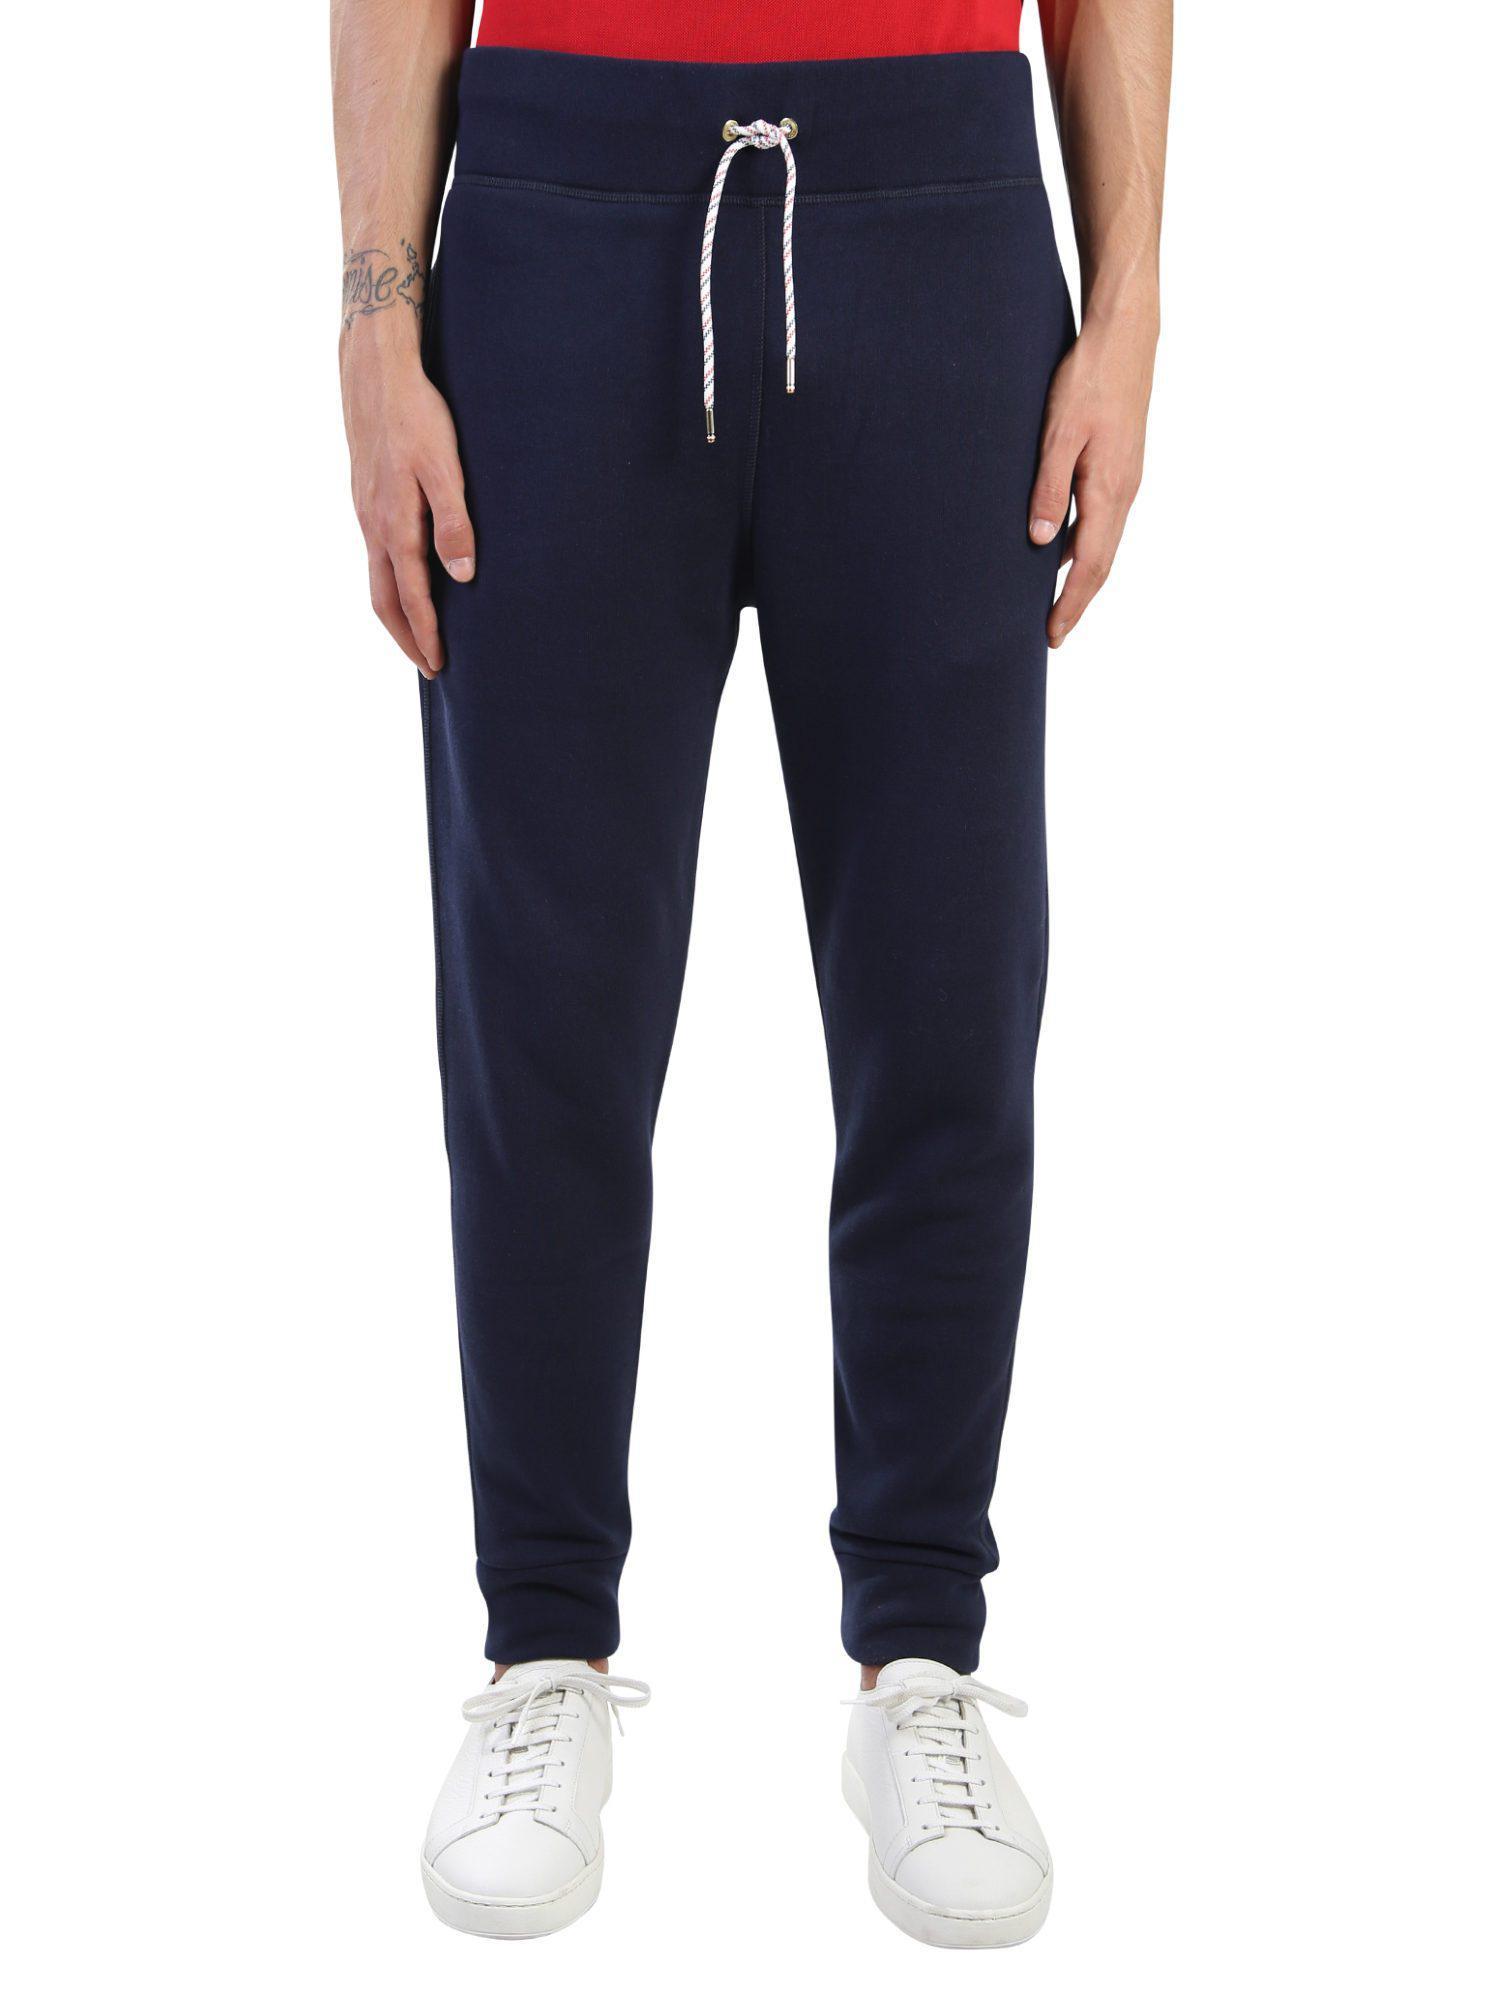 Moncler Gamme Bleu. Men's Blue Cotton Trousers